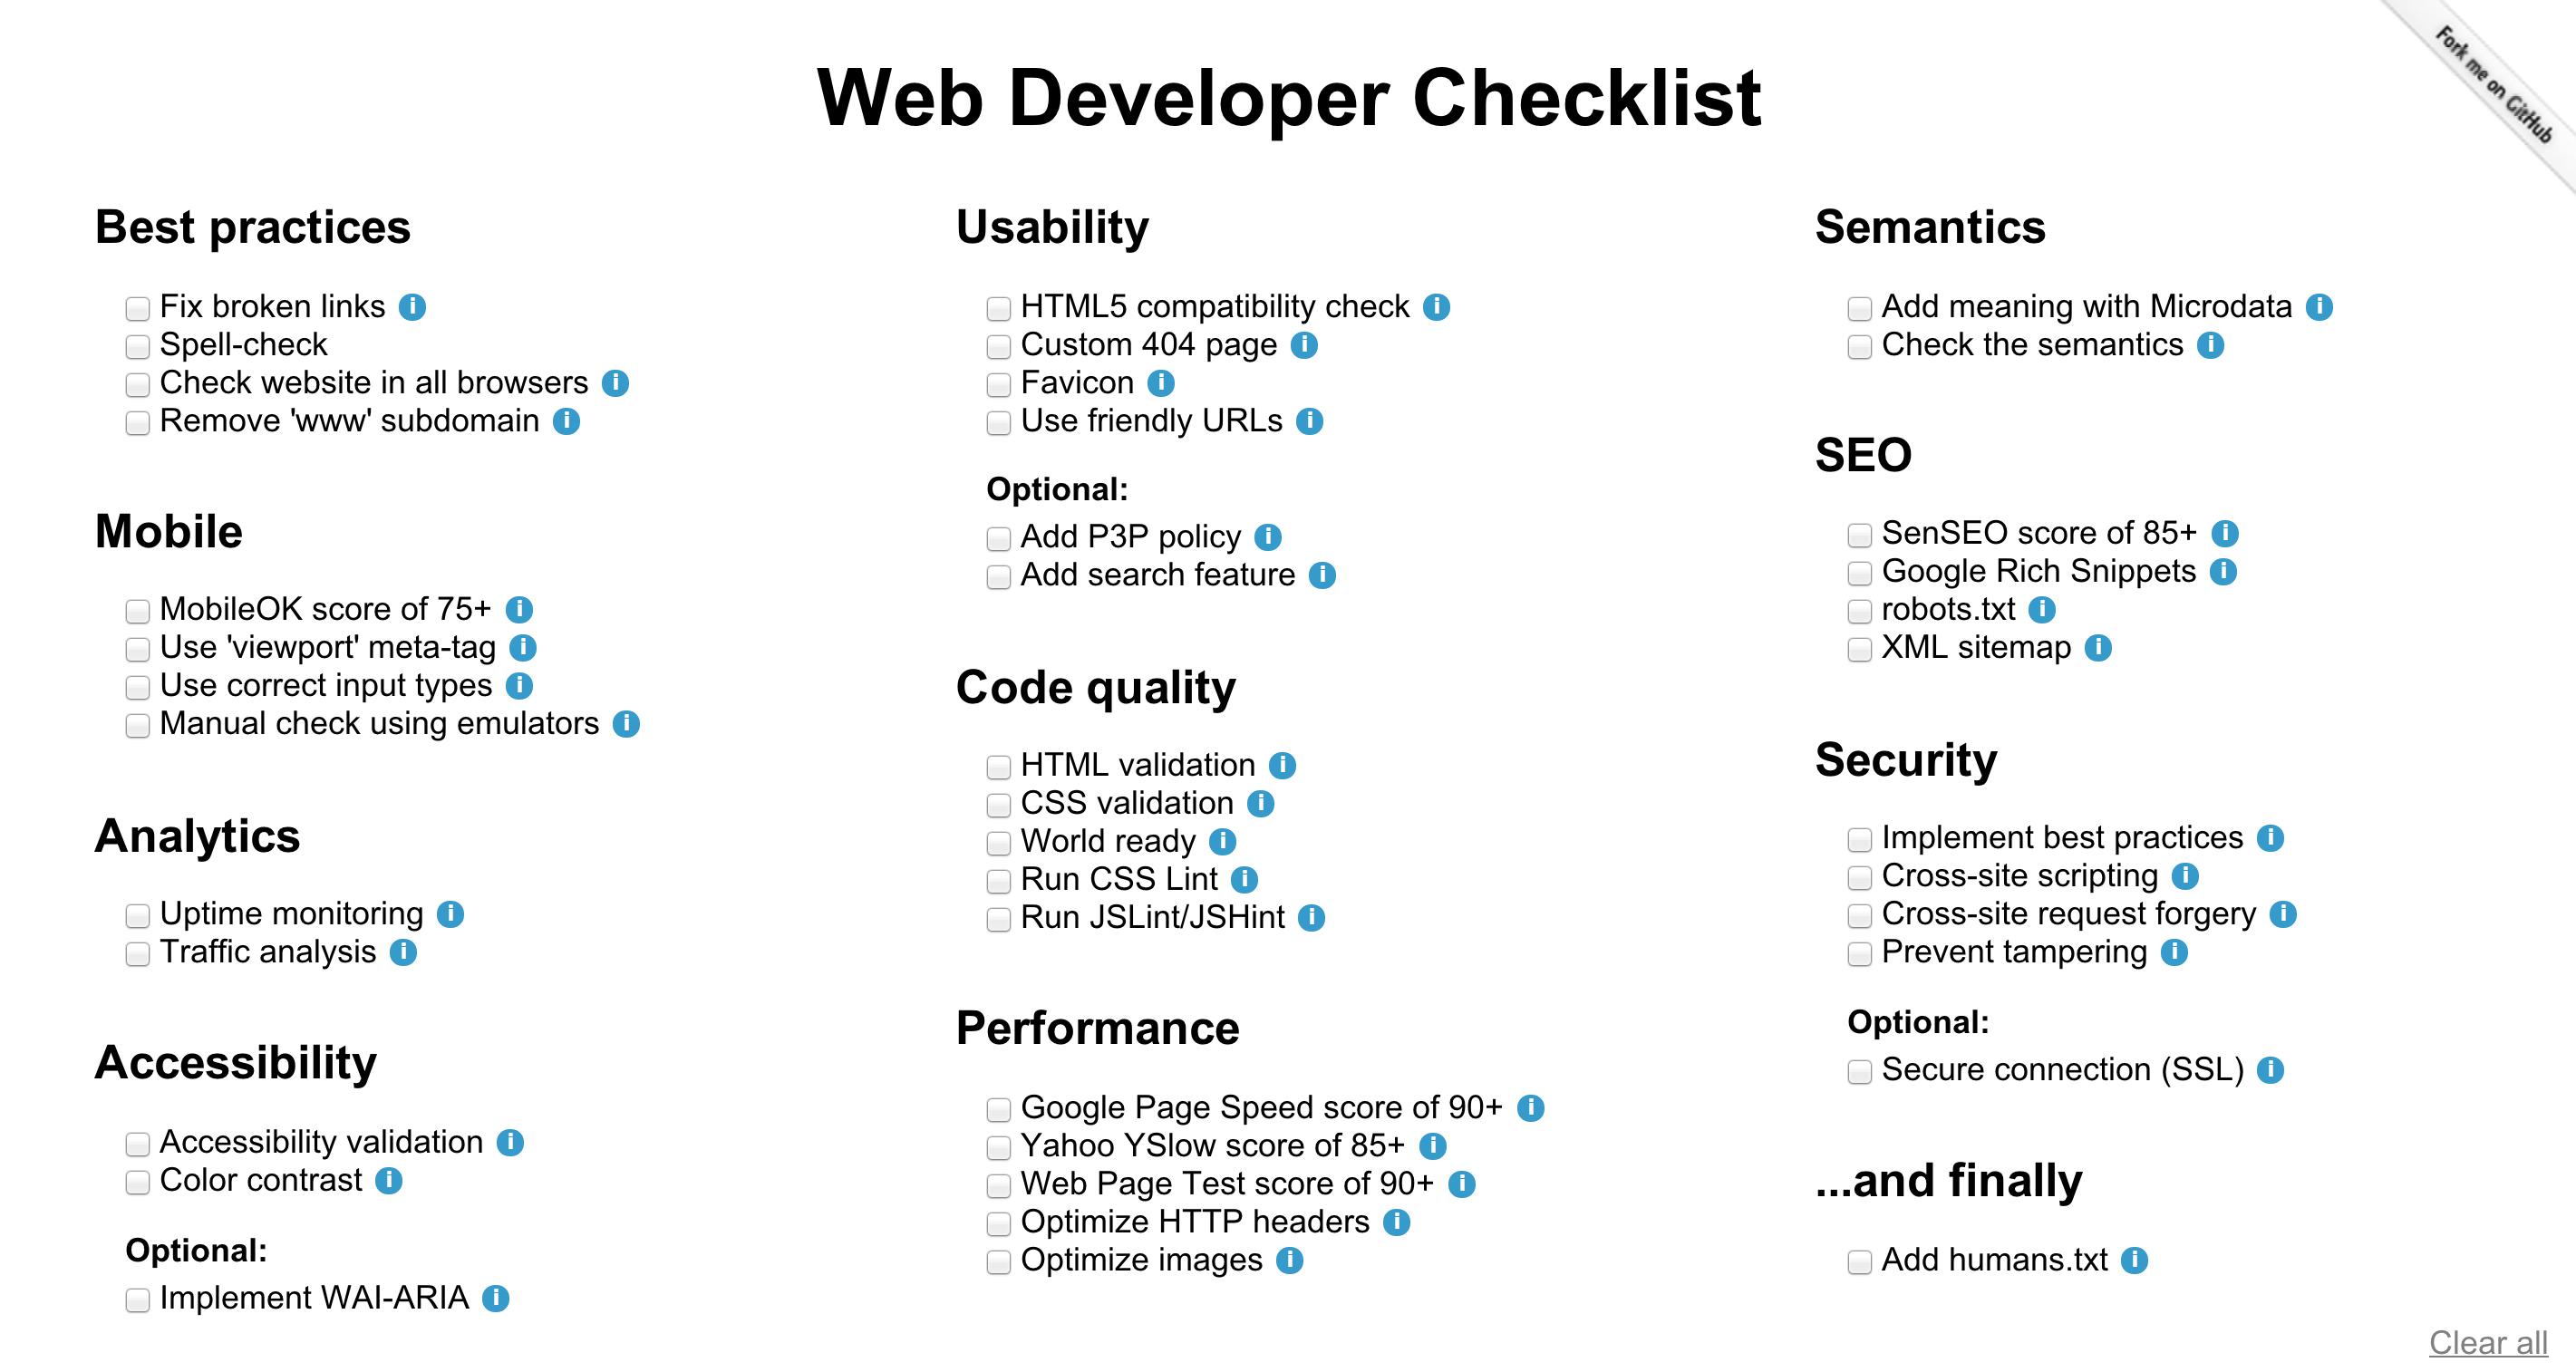 webdevchecklist